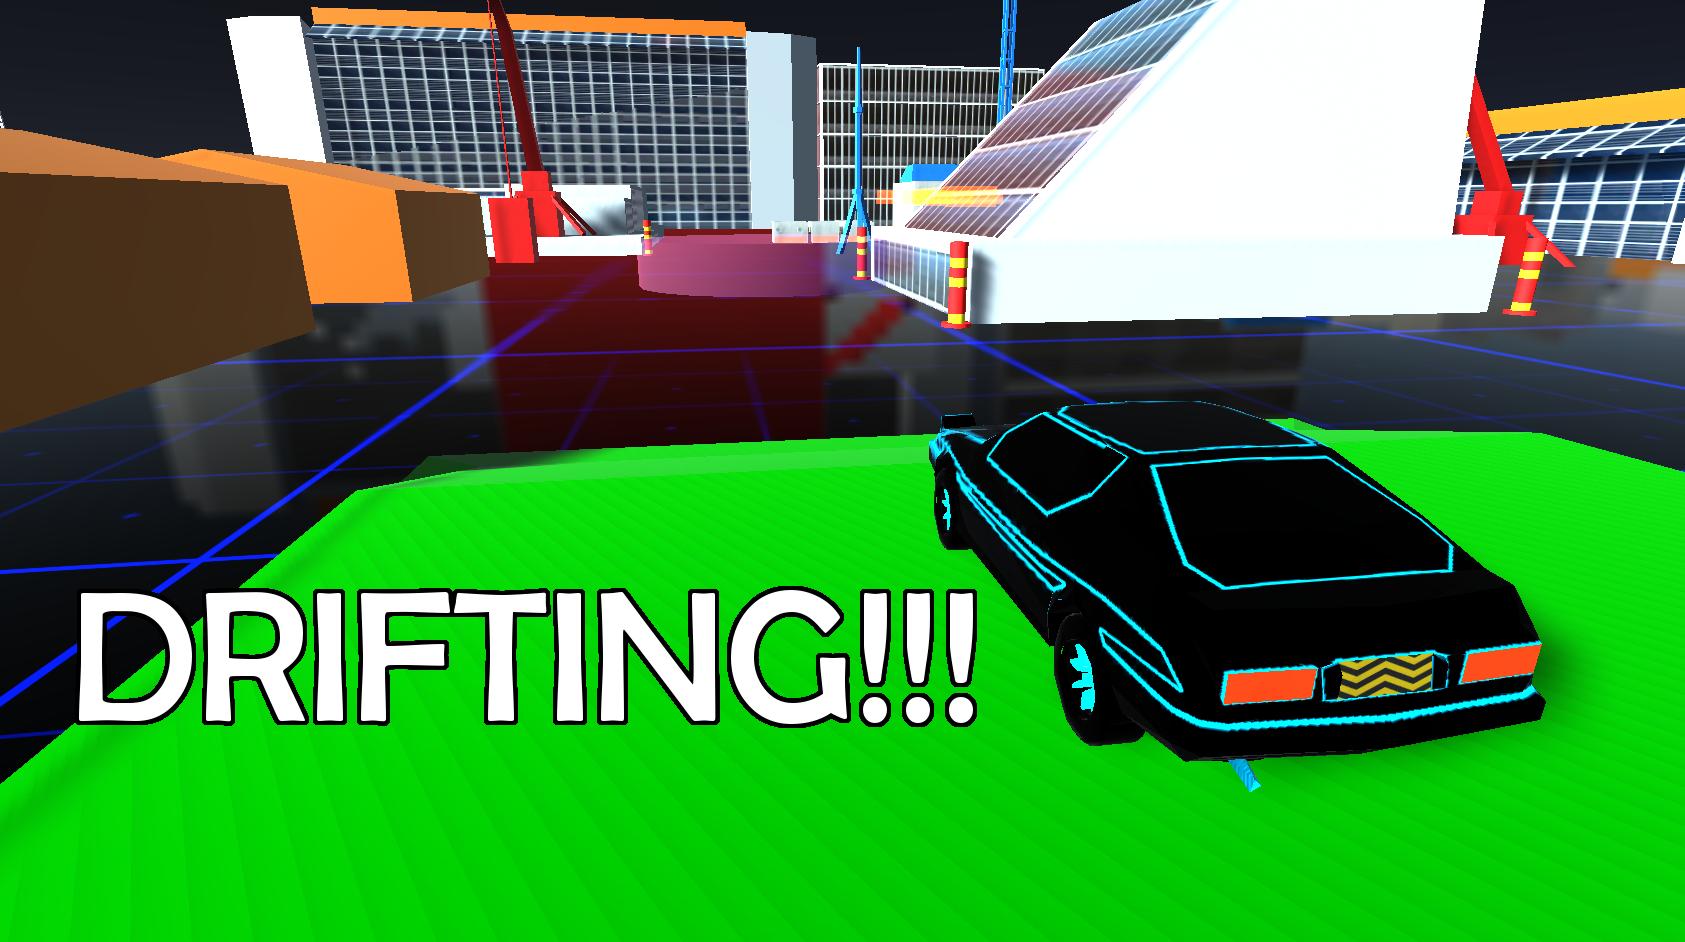 Drifting!!!